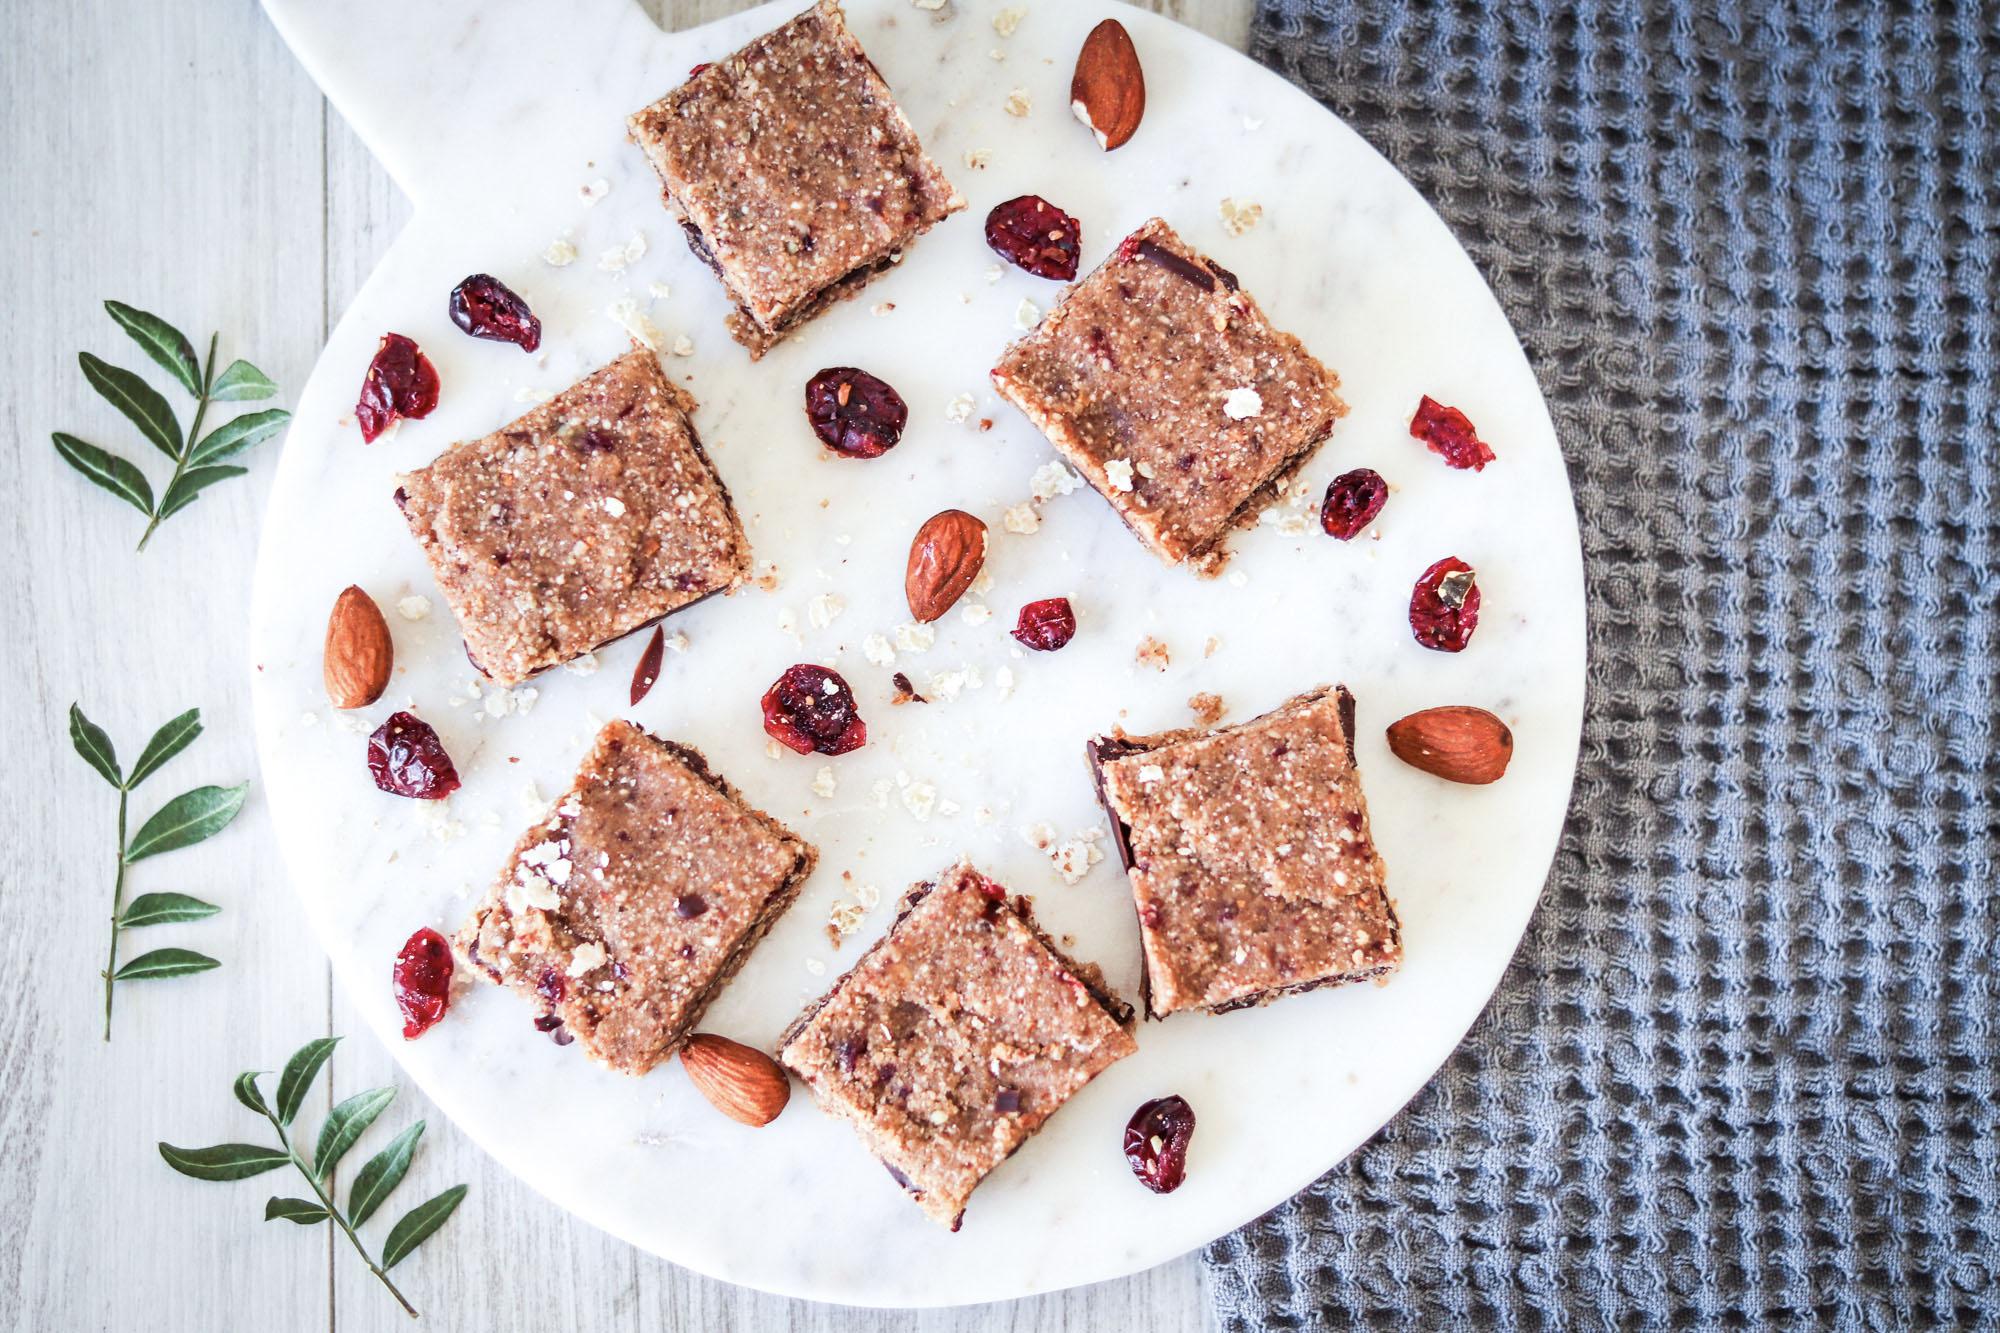 Recette-petits-gateaux-carres-sarrasin-chocolat-cranberries